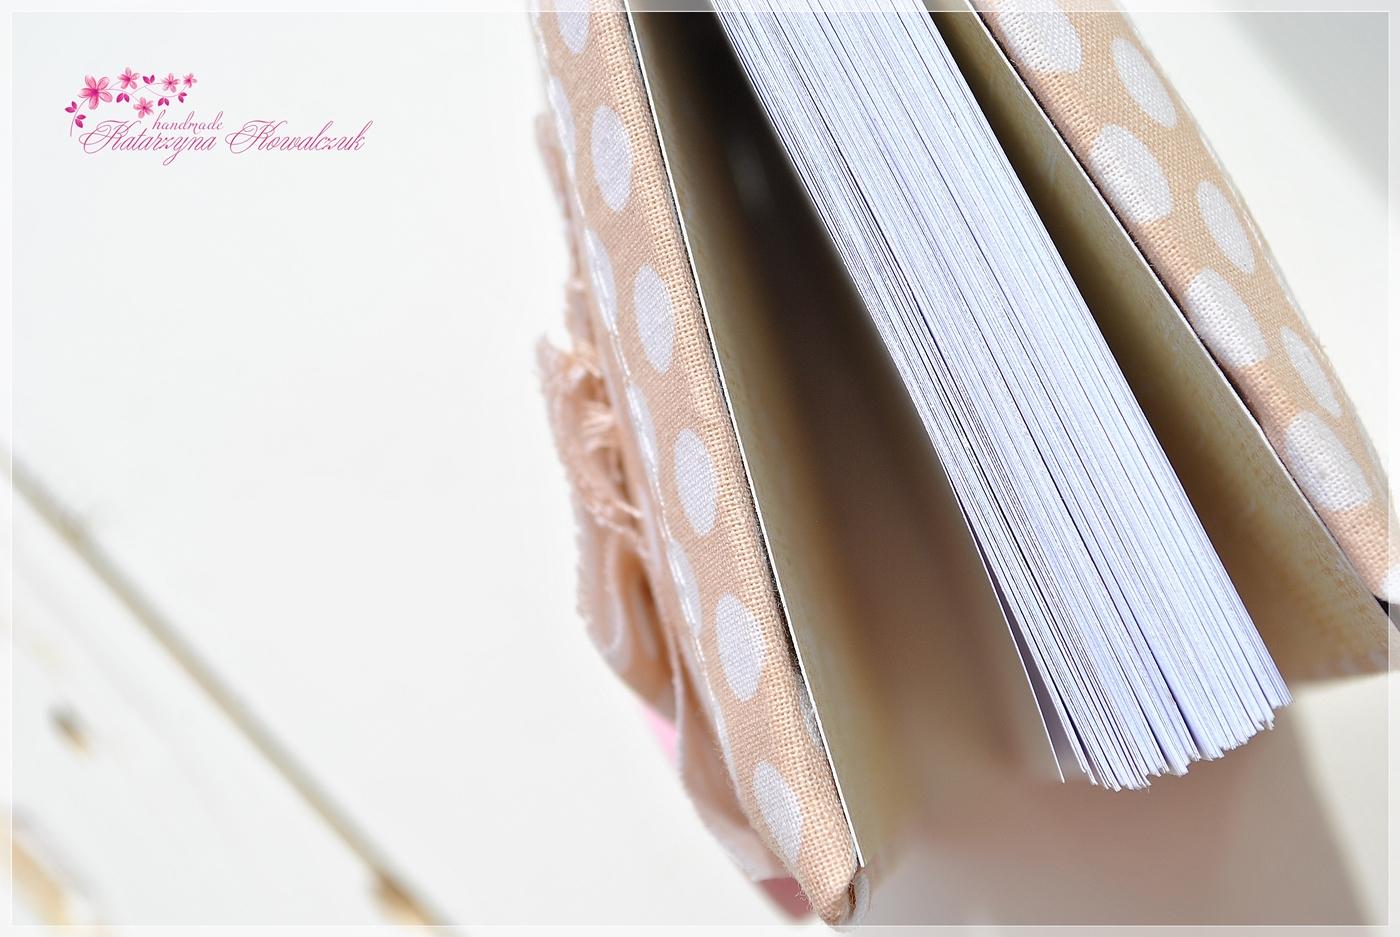 Notes z Materiałową Okładką